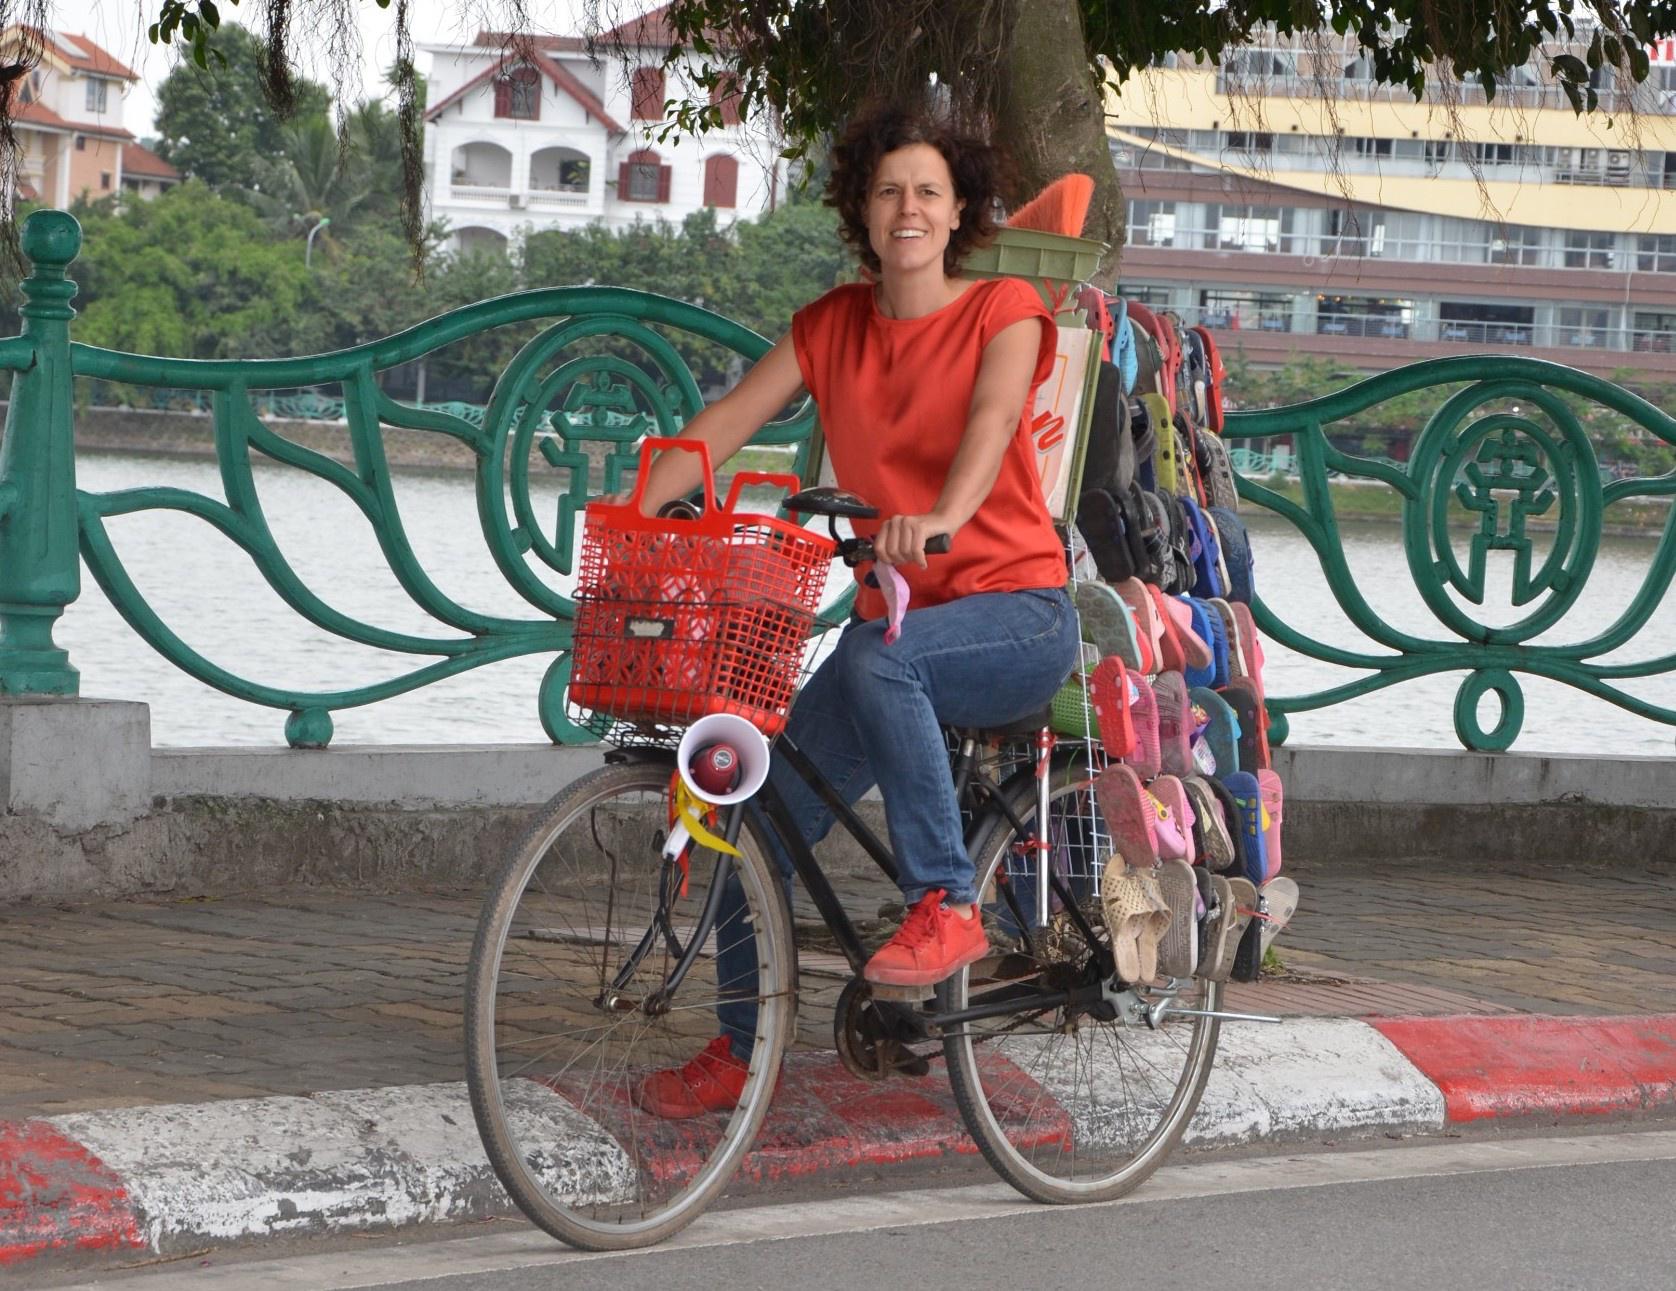 Belgian woman in Vietnam: Pick up lost sandal on roads